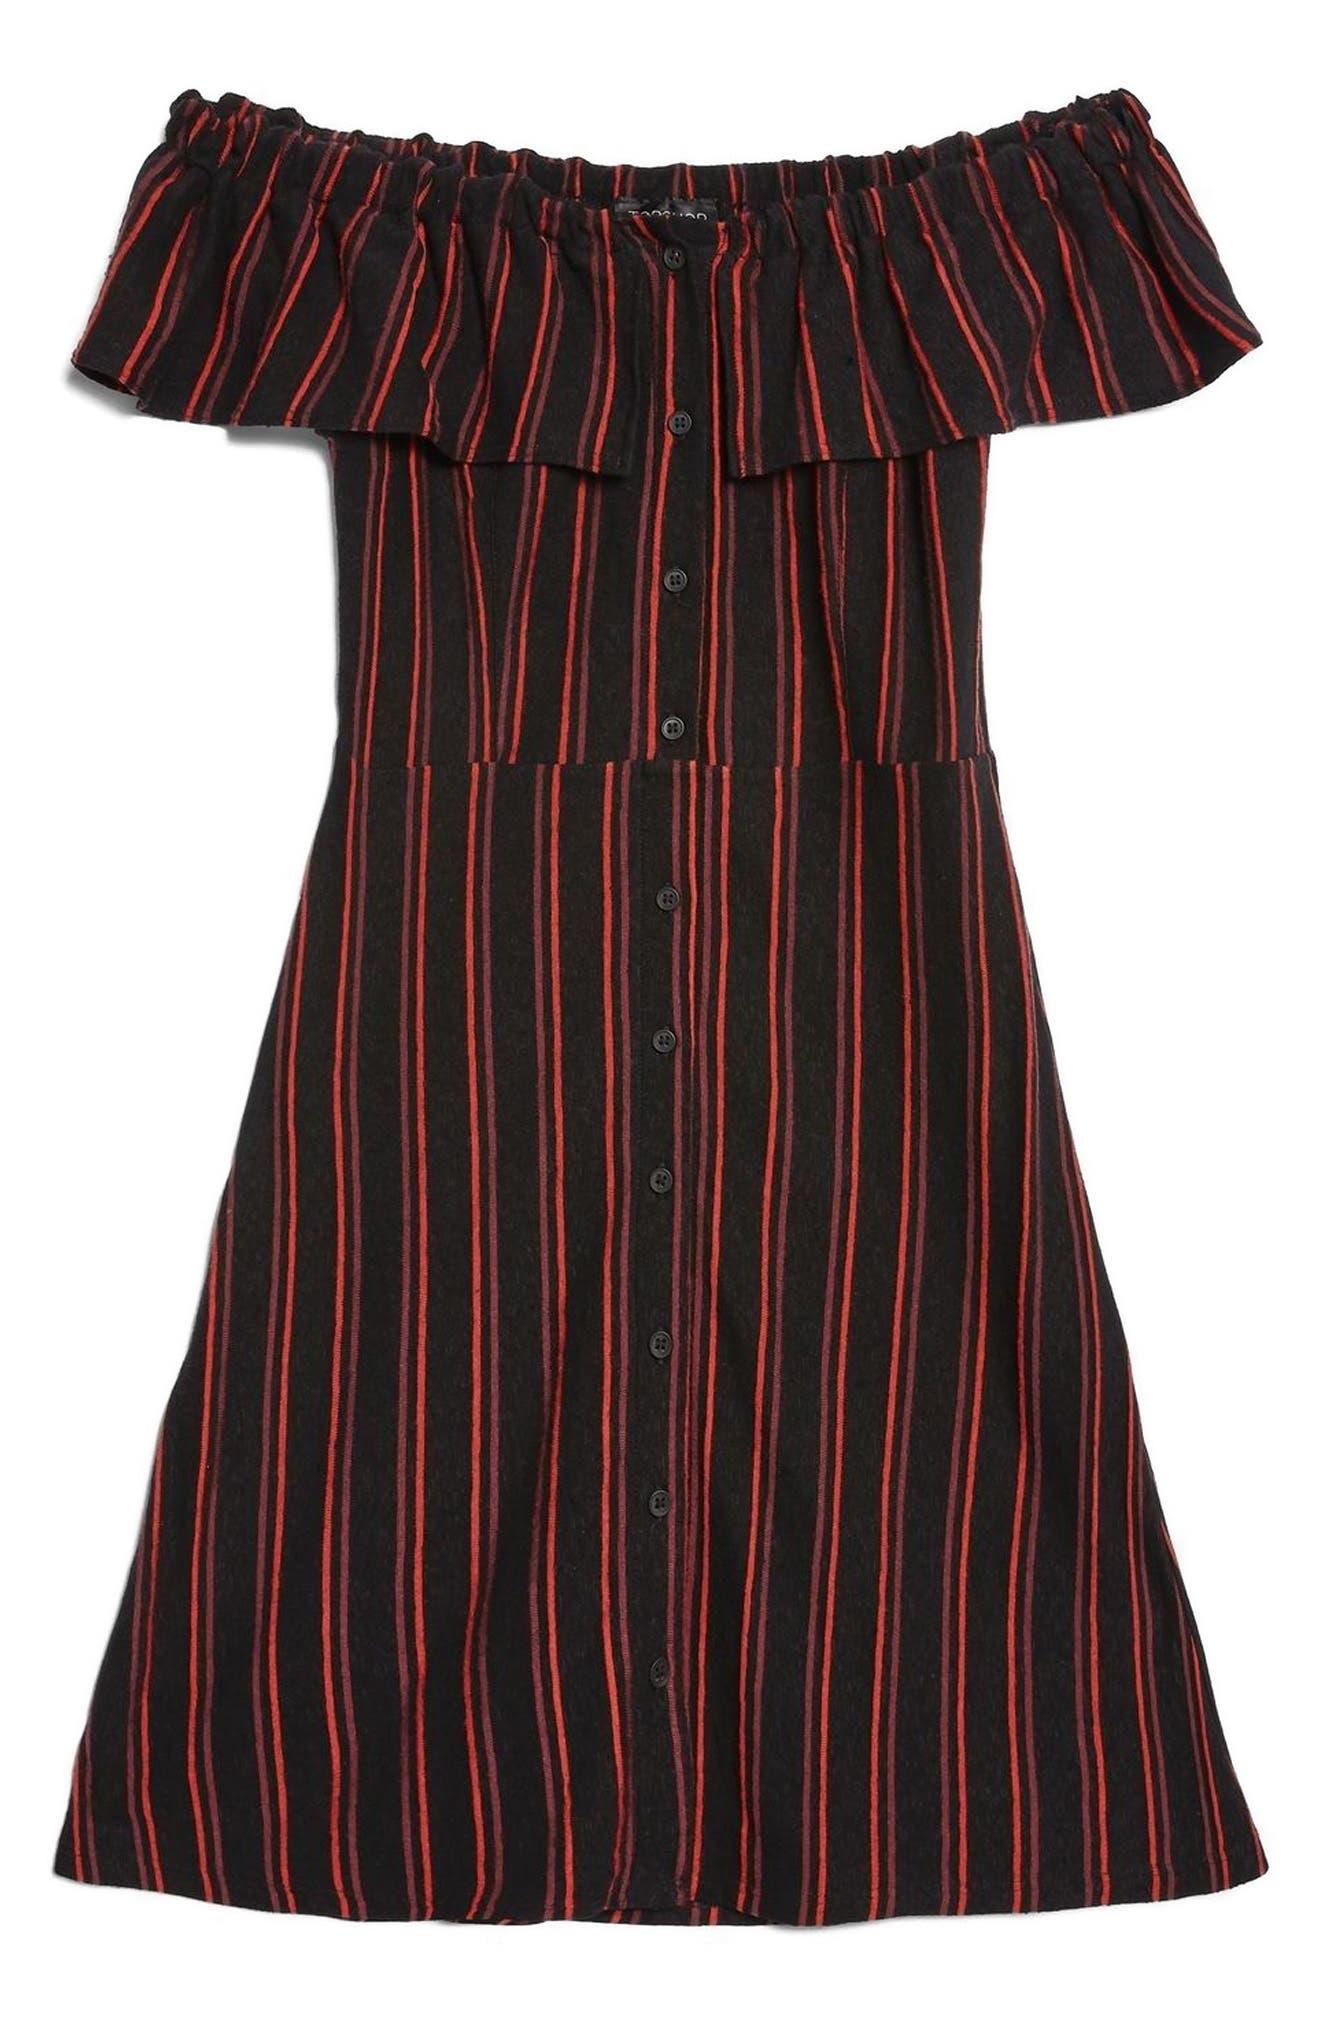 Stripe Frill Bardot Dress,                             Alternate thumbnail 3, color,                             002